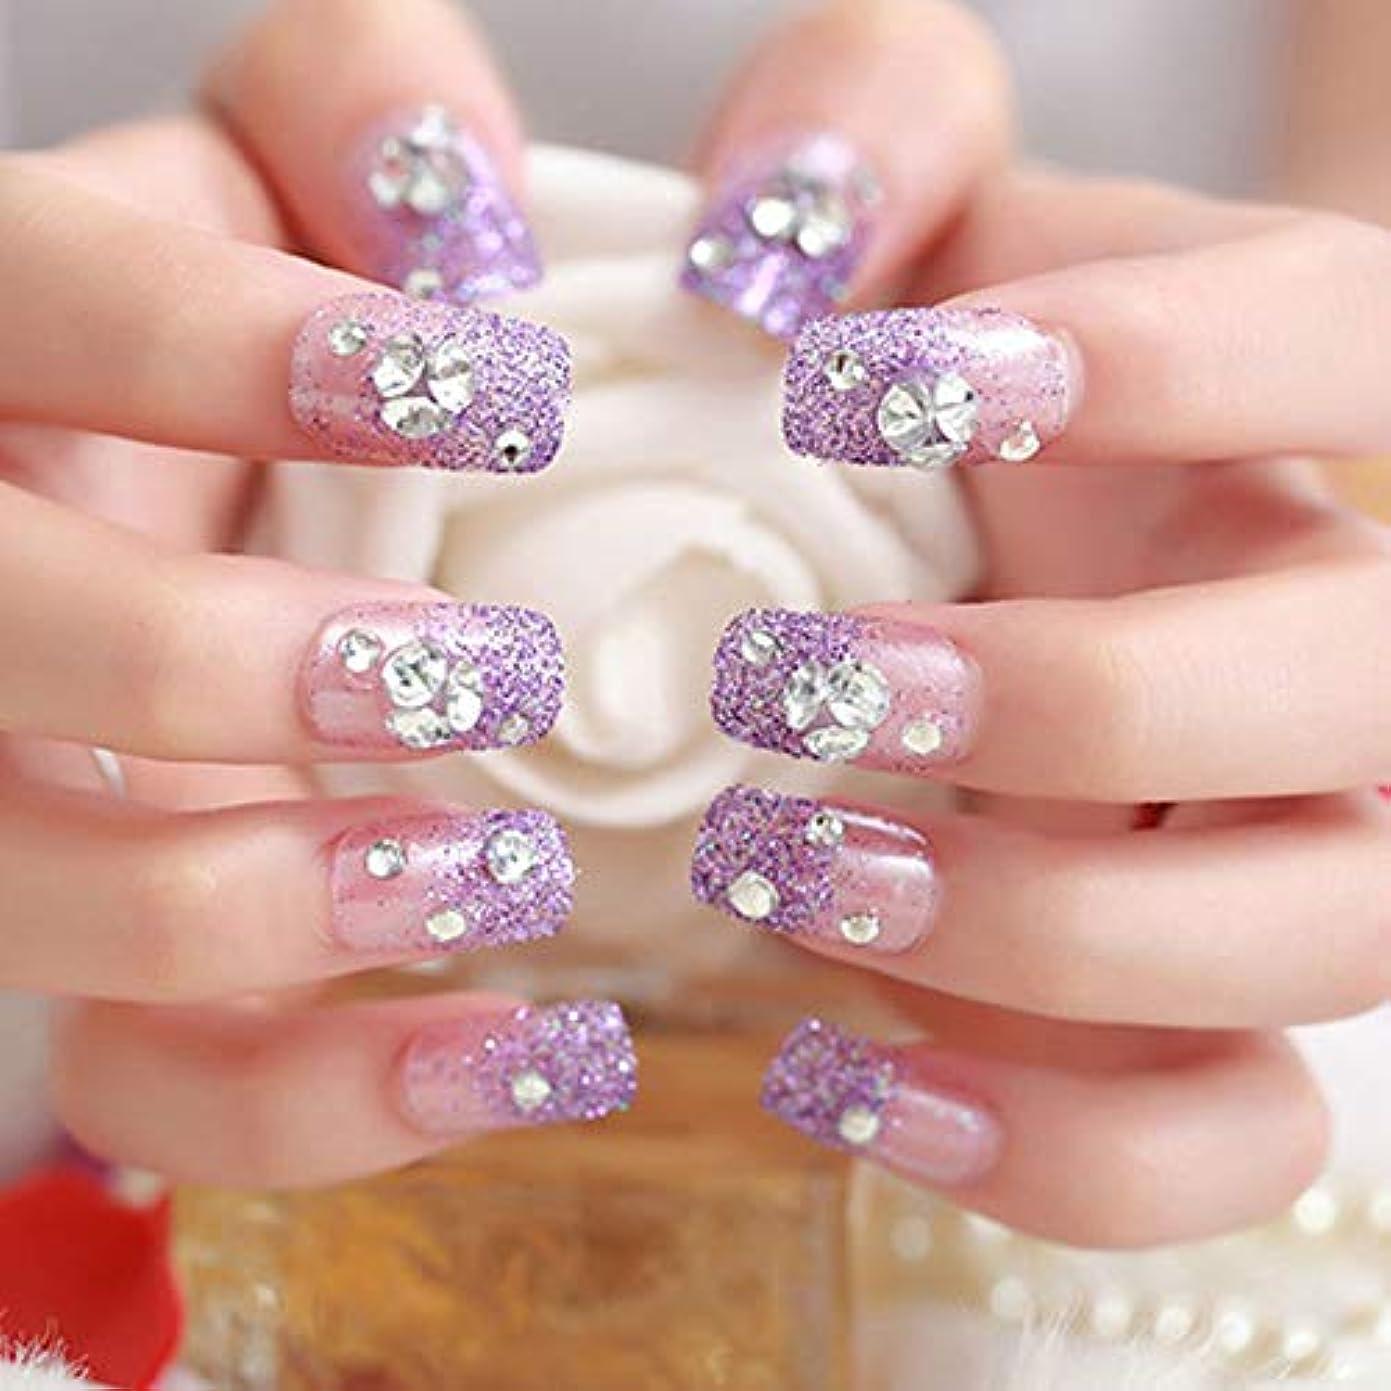 パパディレクトリエーカーXUTXZKA キラキラ人工爪パープルカラー輝くラインストーンの結婚式の花嫁ネイルアートのヒント偽のネイル